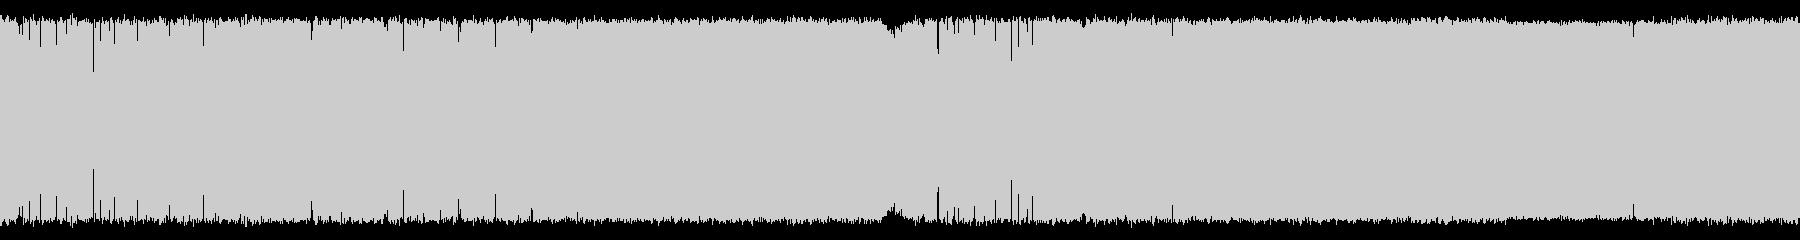 険しい山を演出したメタルギター系の曲<…の未再生の波形